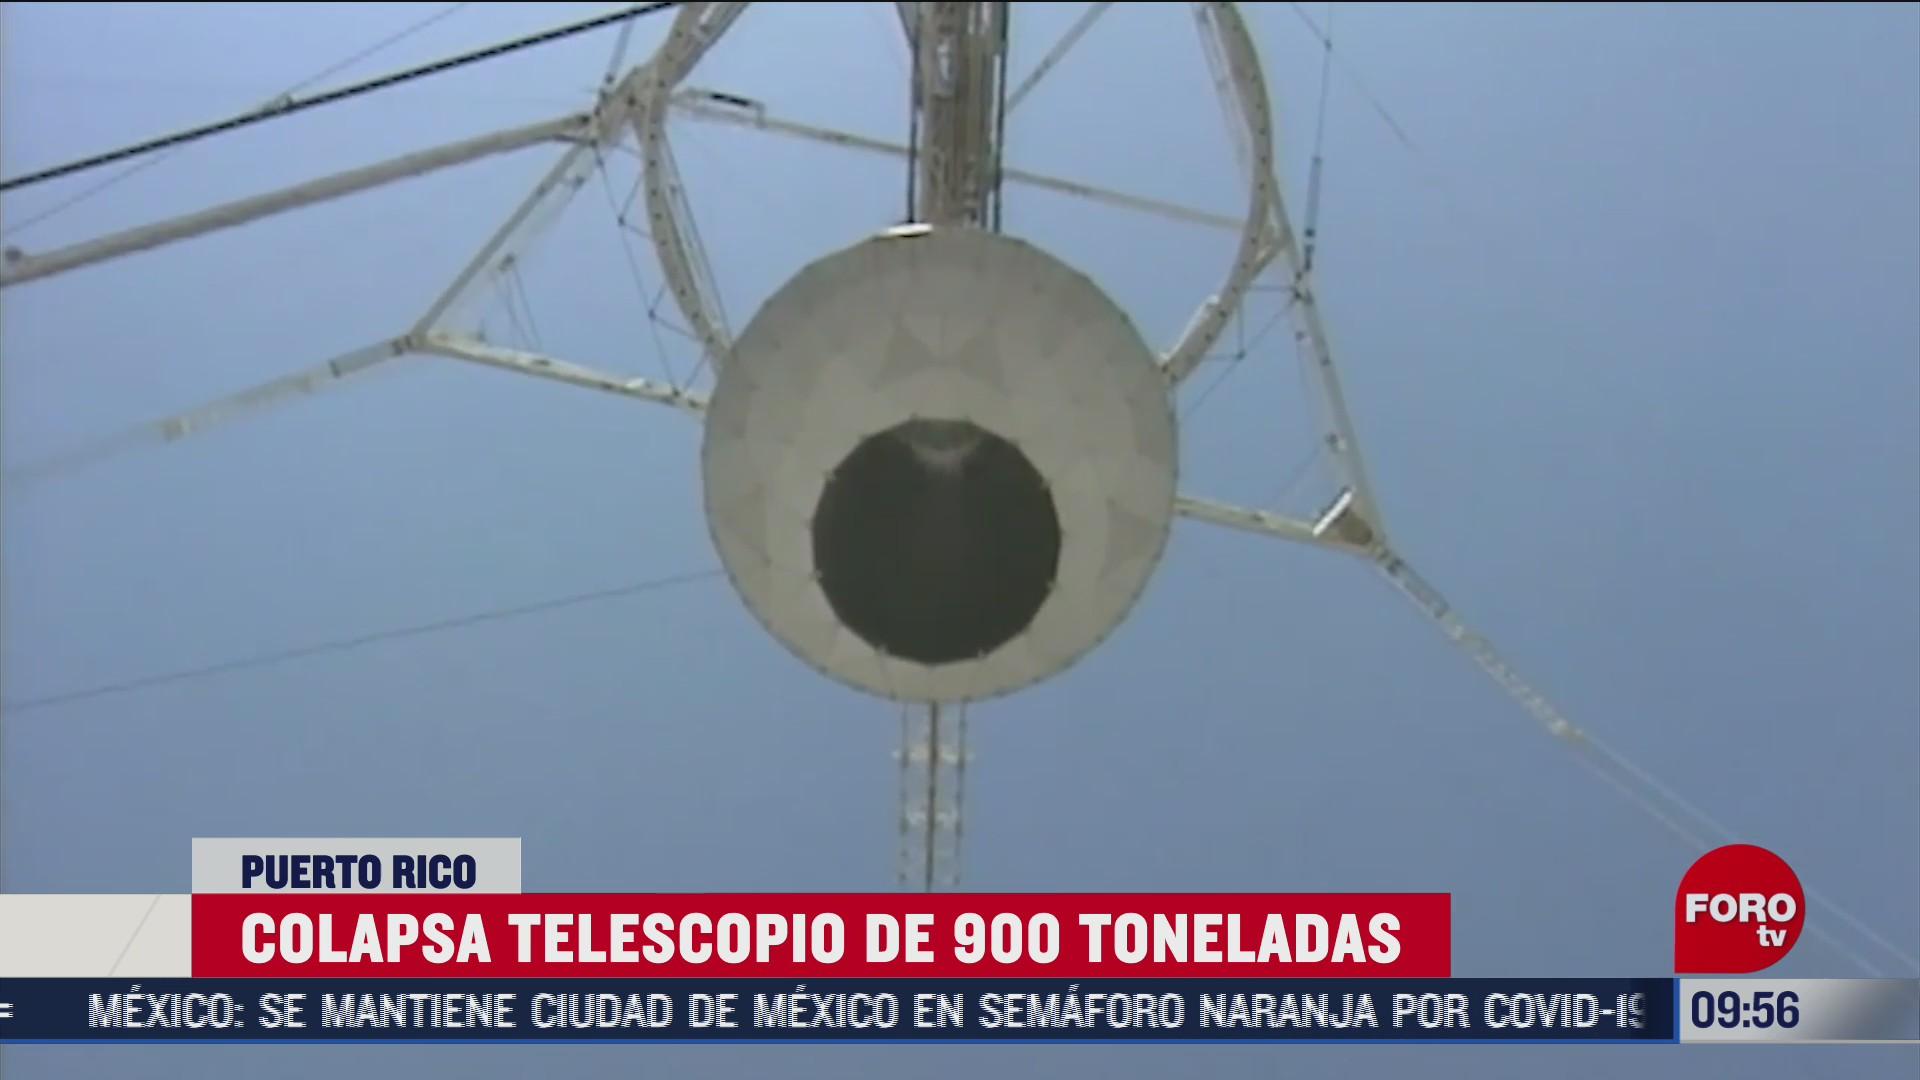 colapsa telescopio de 900 toneladas en puerto rico